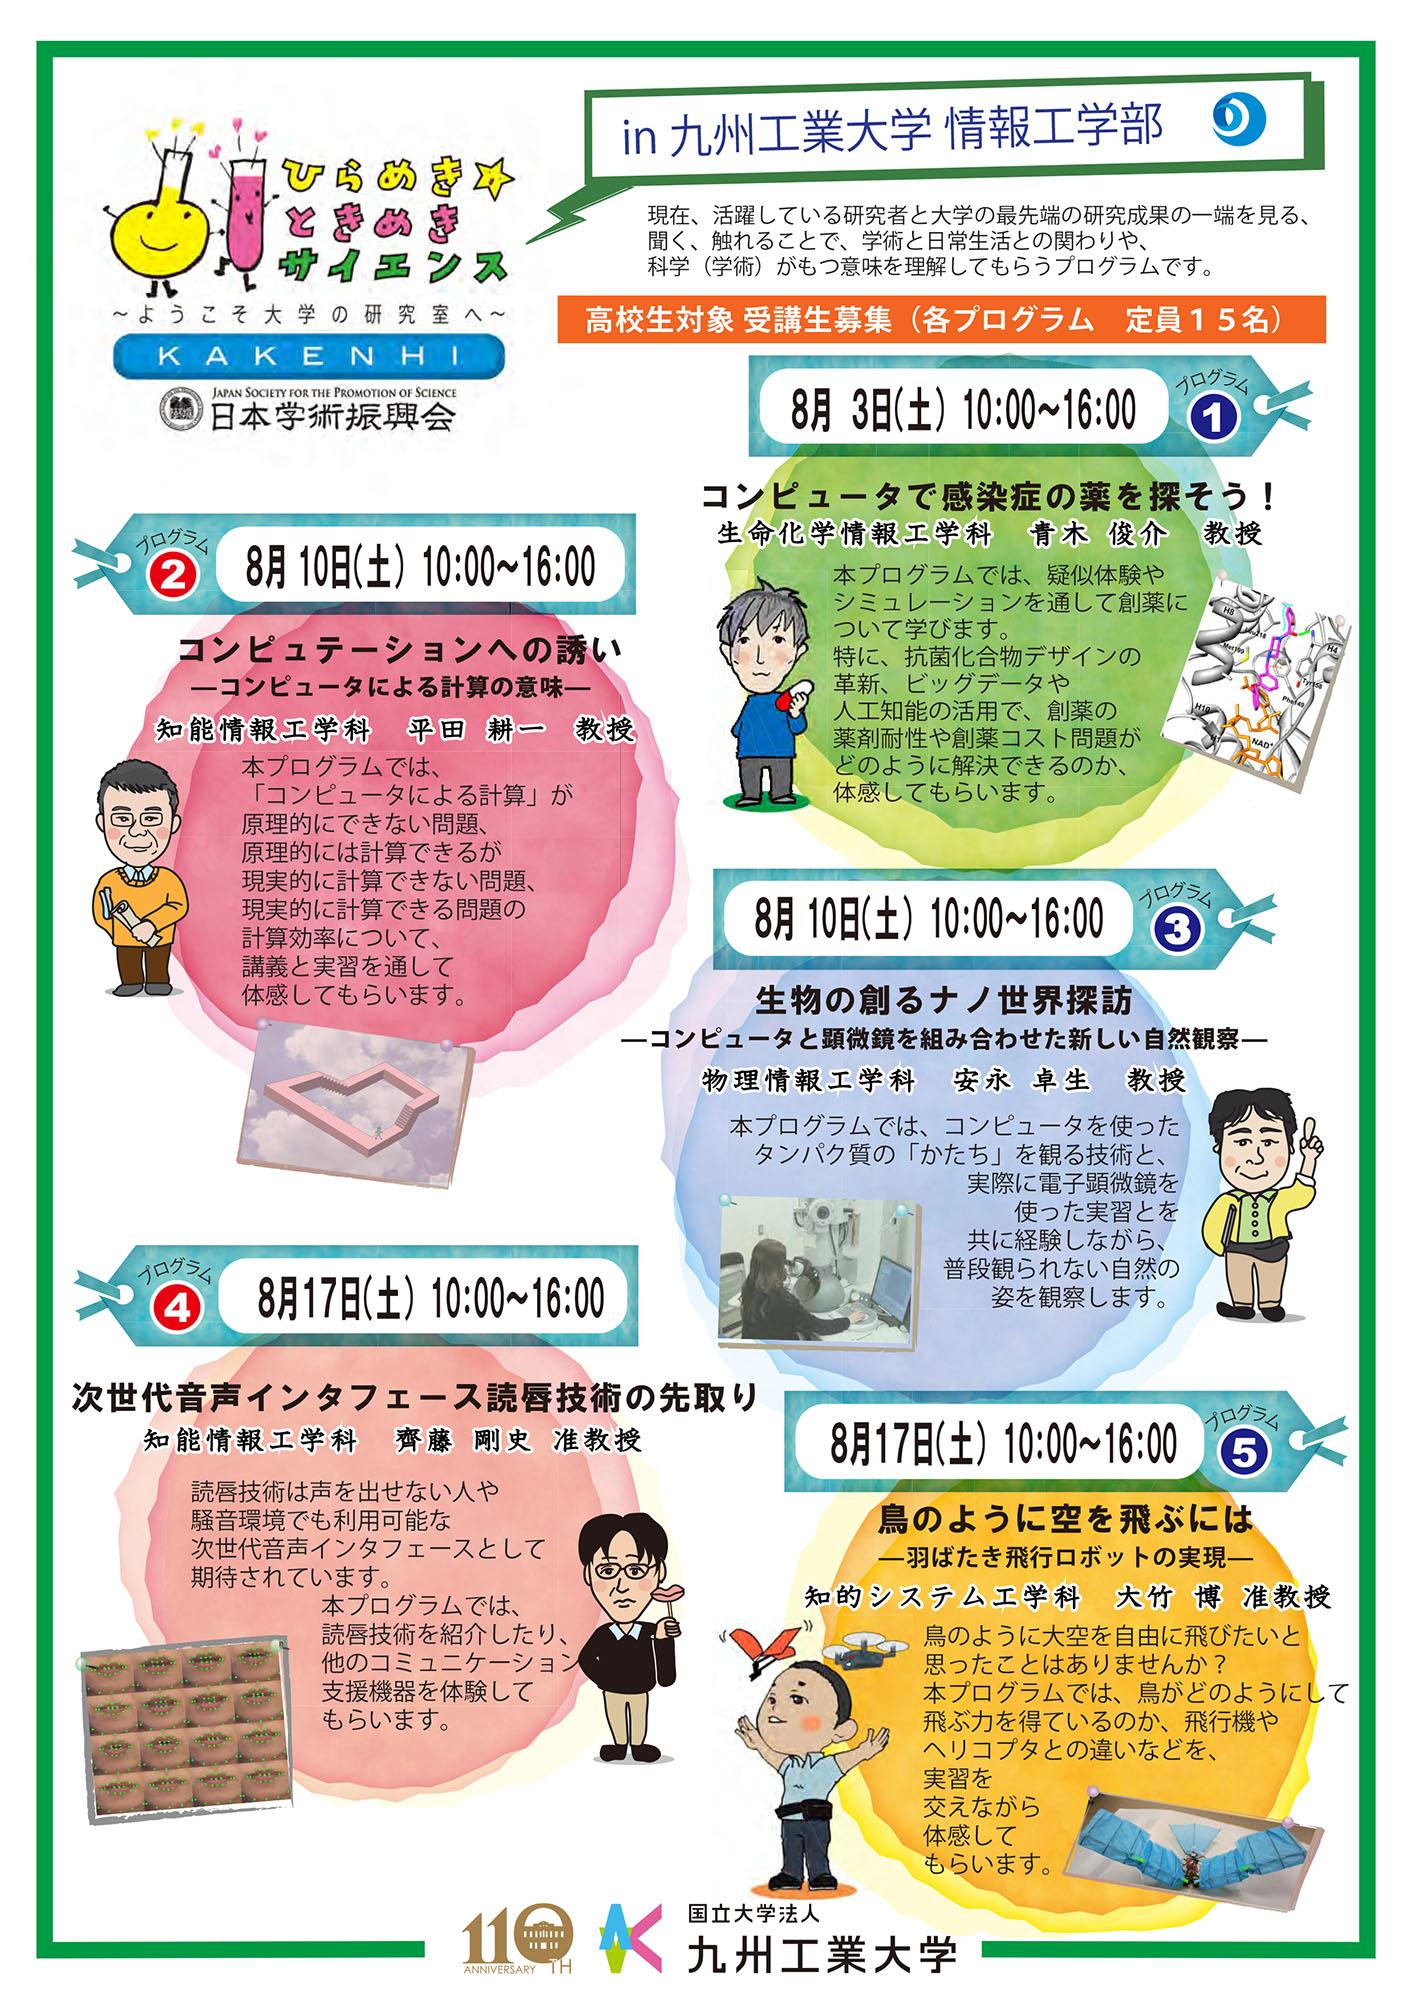 九州工業大学 ひらめき☆ときめきサイエンス 2019